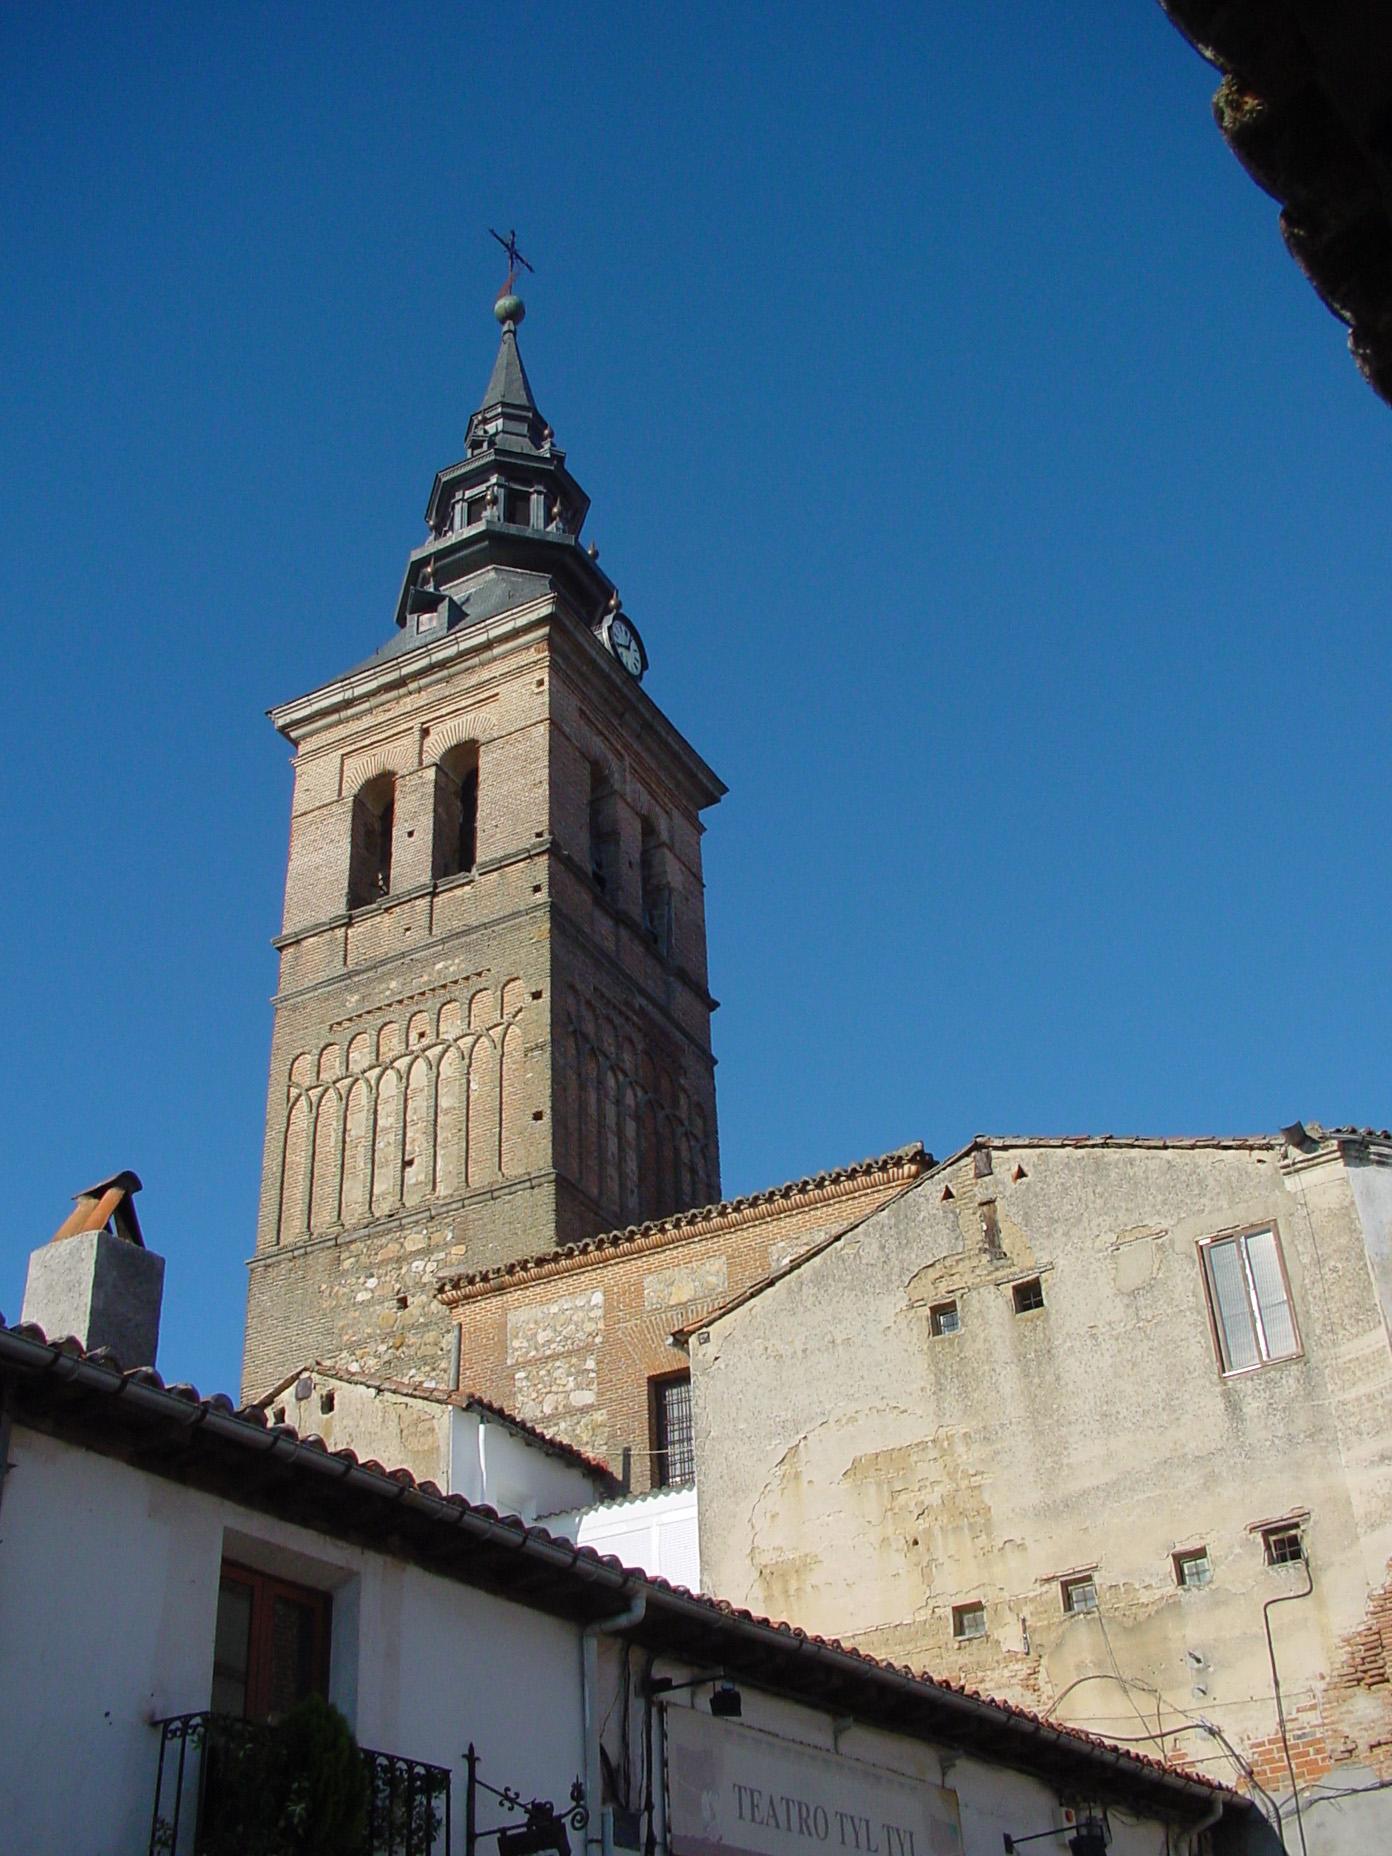 Iglesia parroquial Nuestra Señora de la Asunción de Navalcarnero